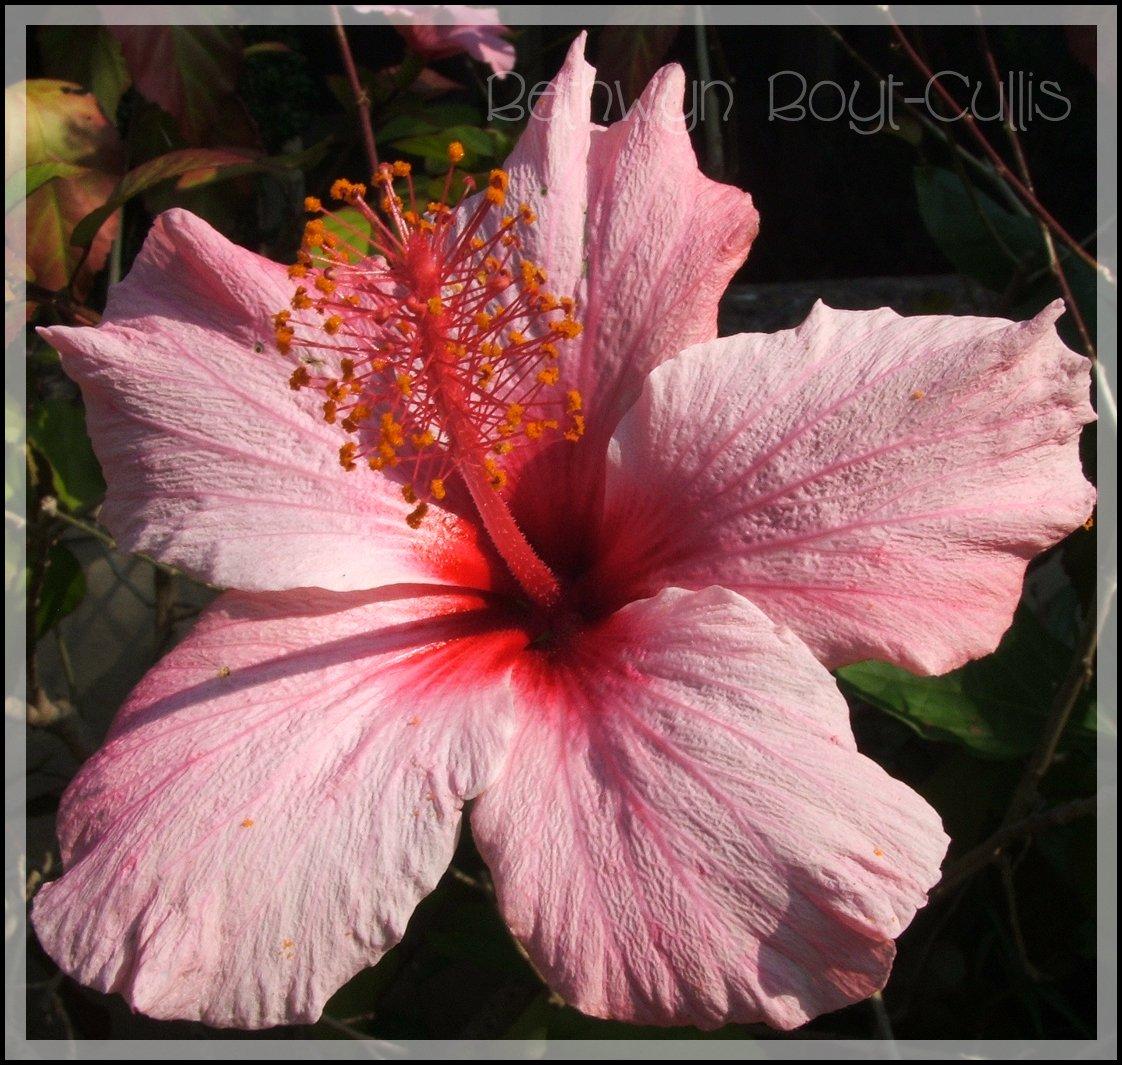 Bonjour avec des fleurs des les simplicite partag e - Fleurs des iles grasse ...